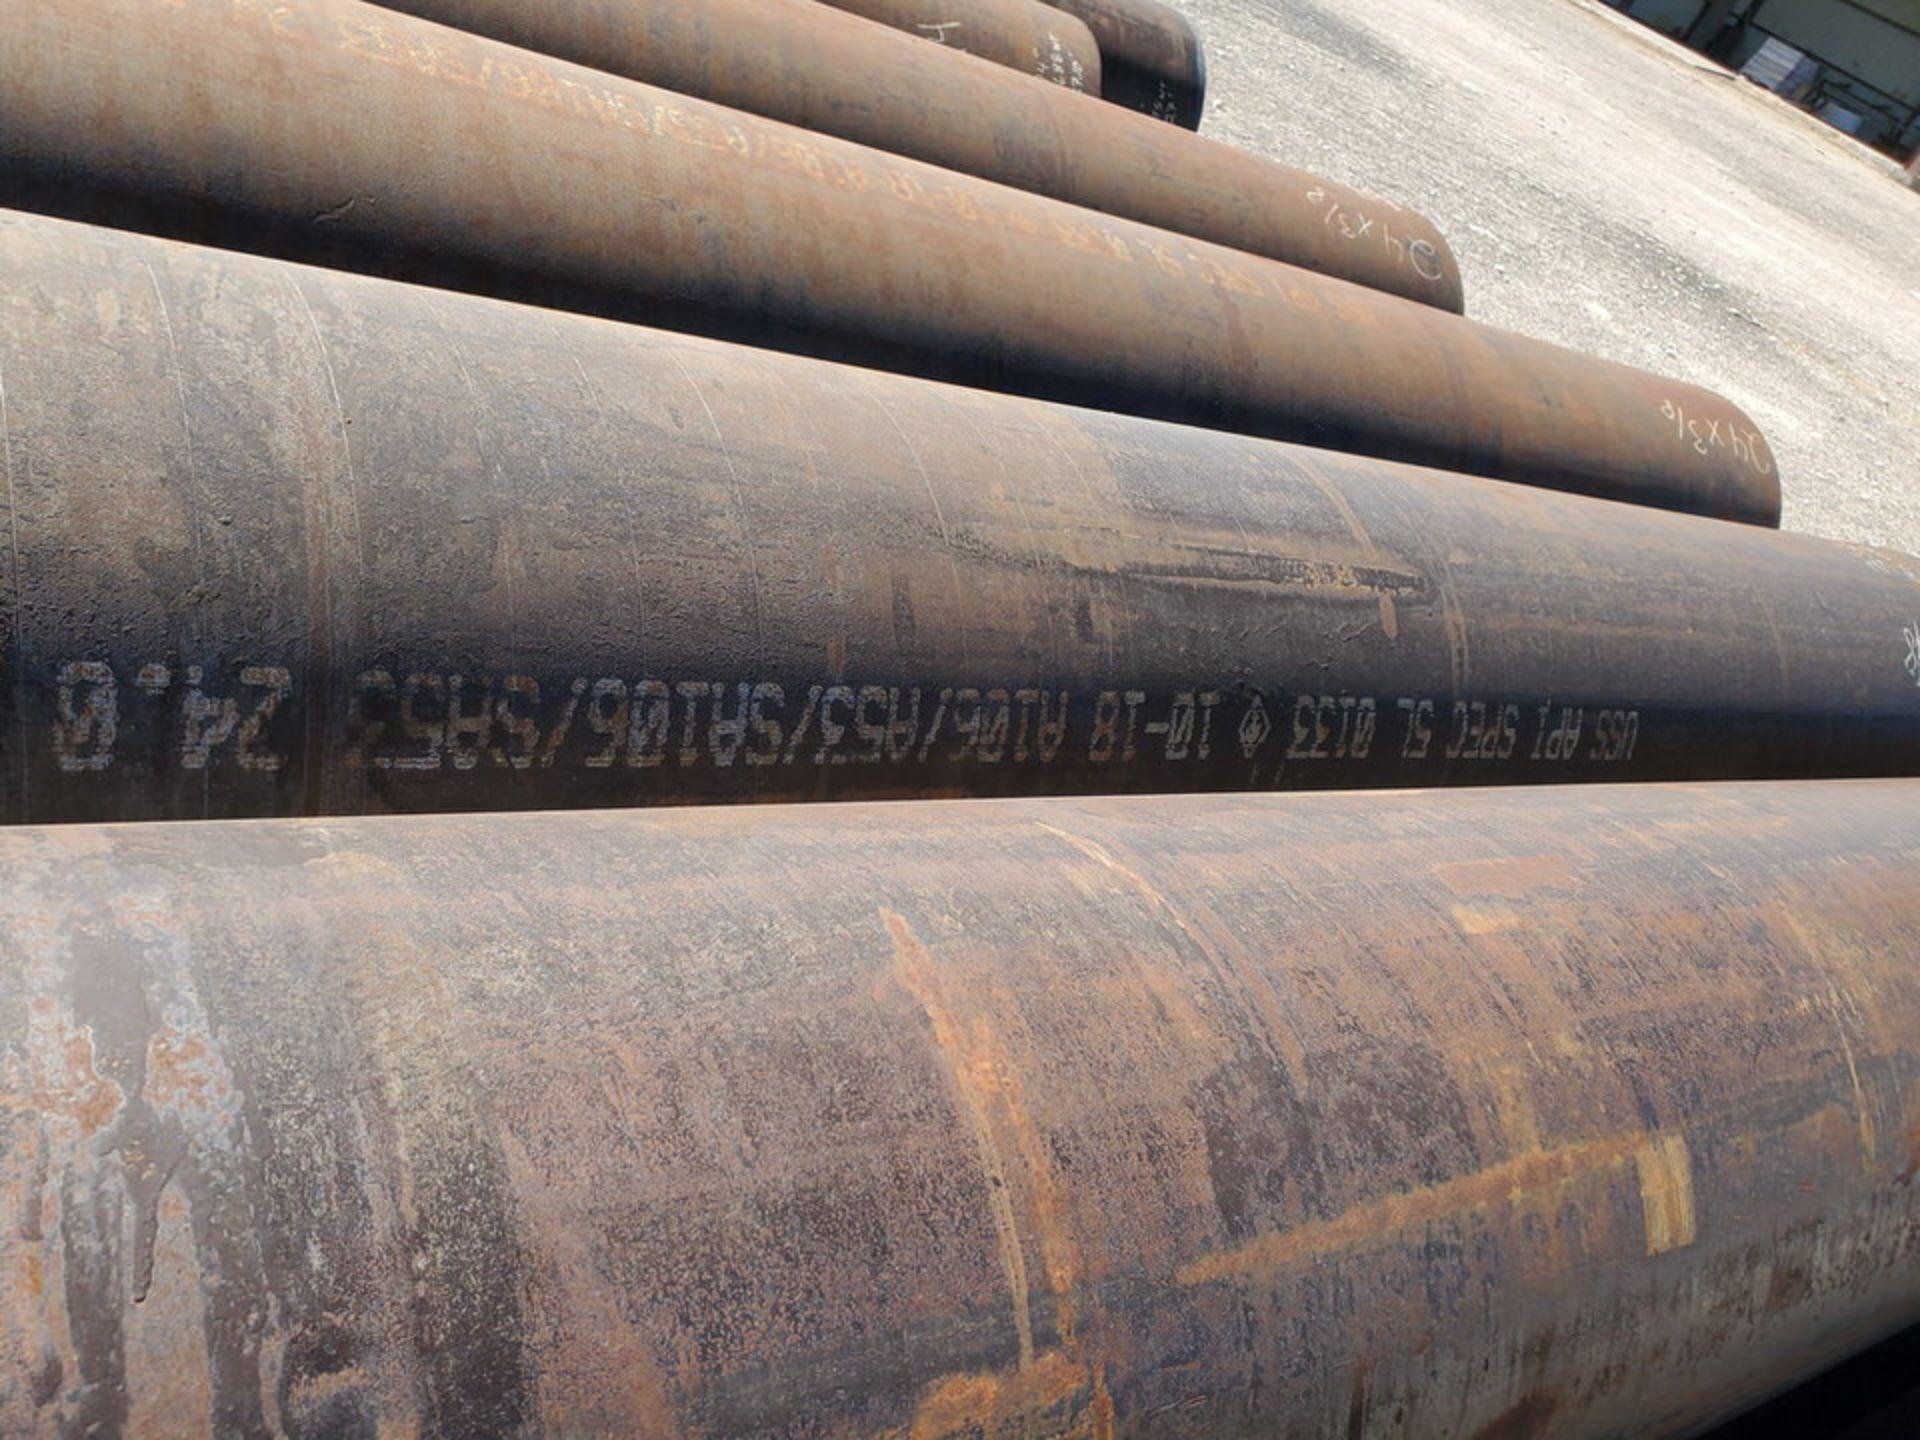 """(6) Pipe 18"""" - 24""""O.D.; 40'3"""" - 44'L, A106/A53/SA106/SA53 - Image 9 of 14"""